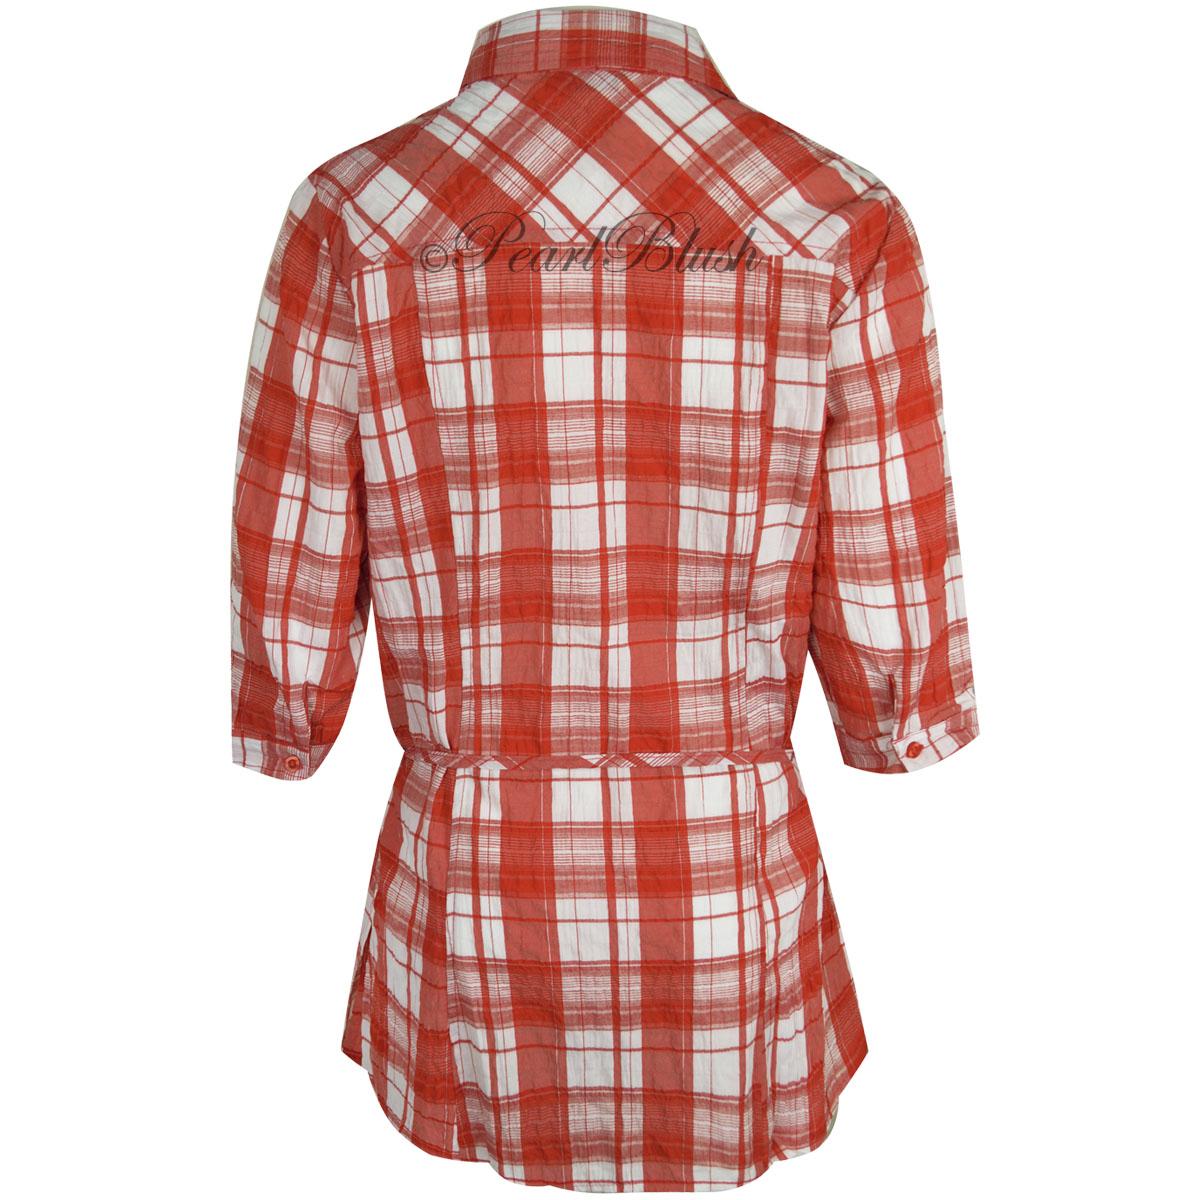 long sleeve shirt  Shop Cheap long sleeve shirt from